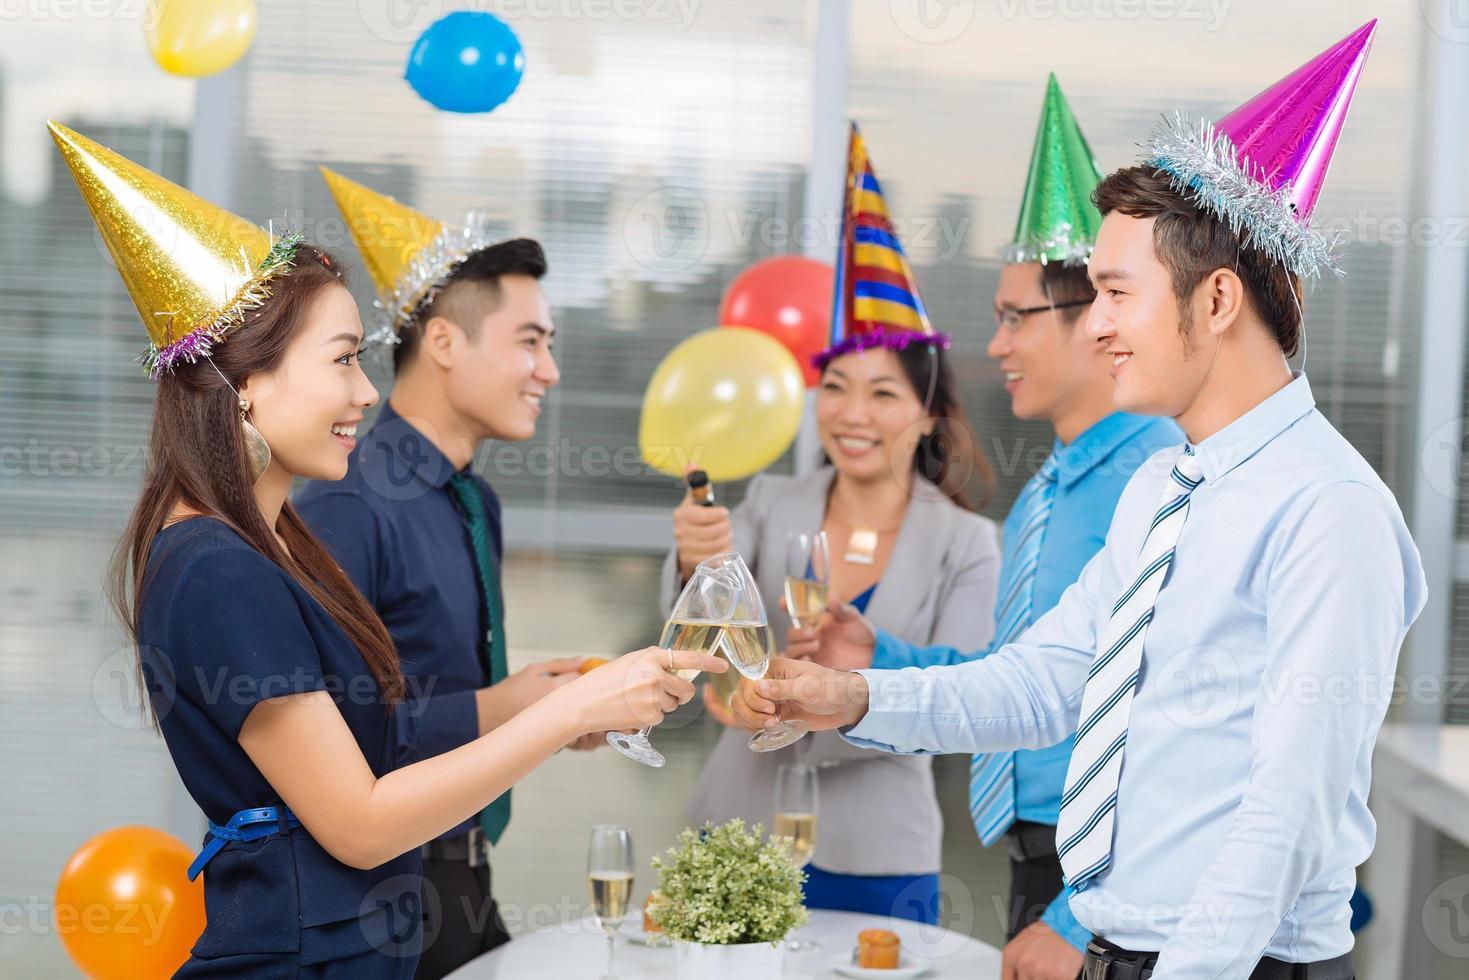 drinken op kantoorfeest foto